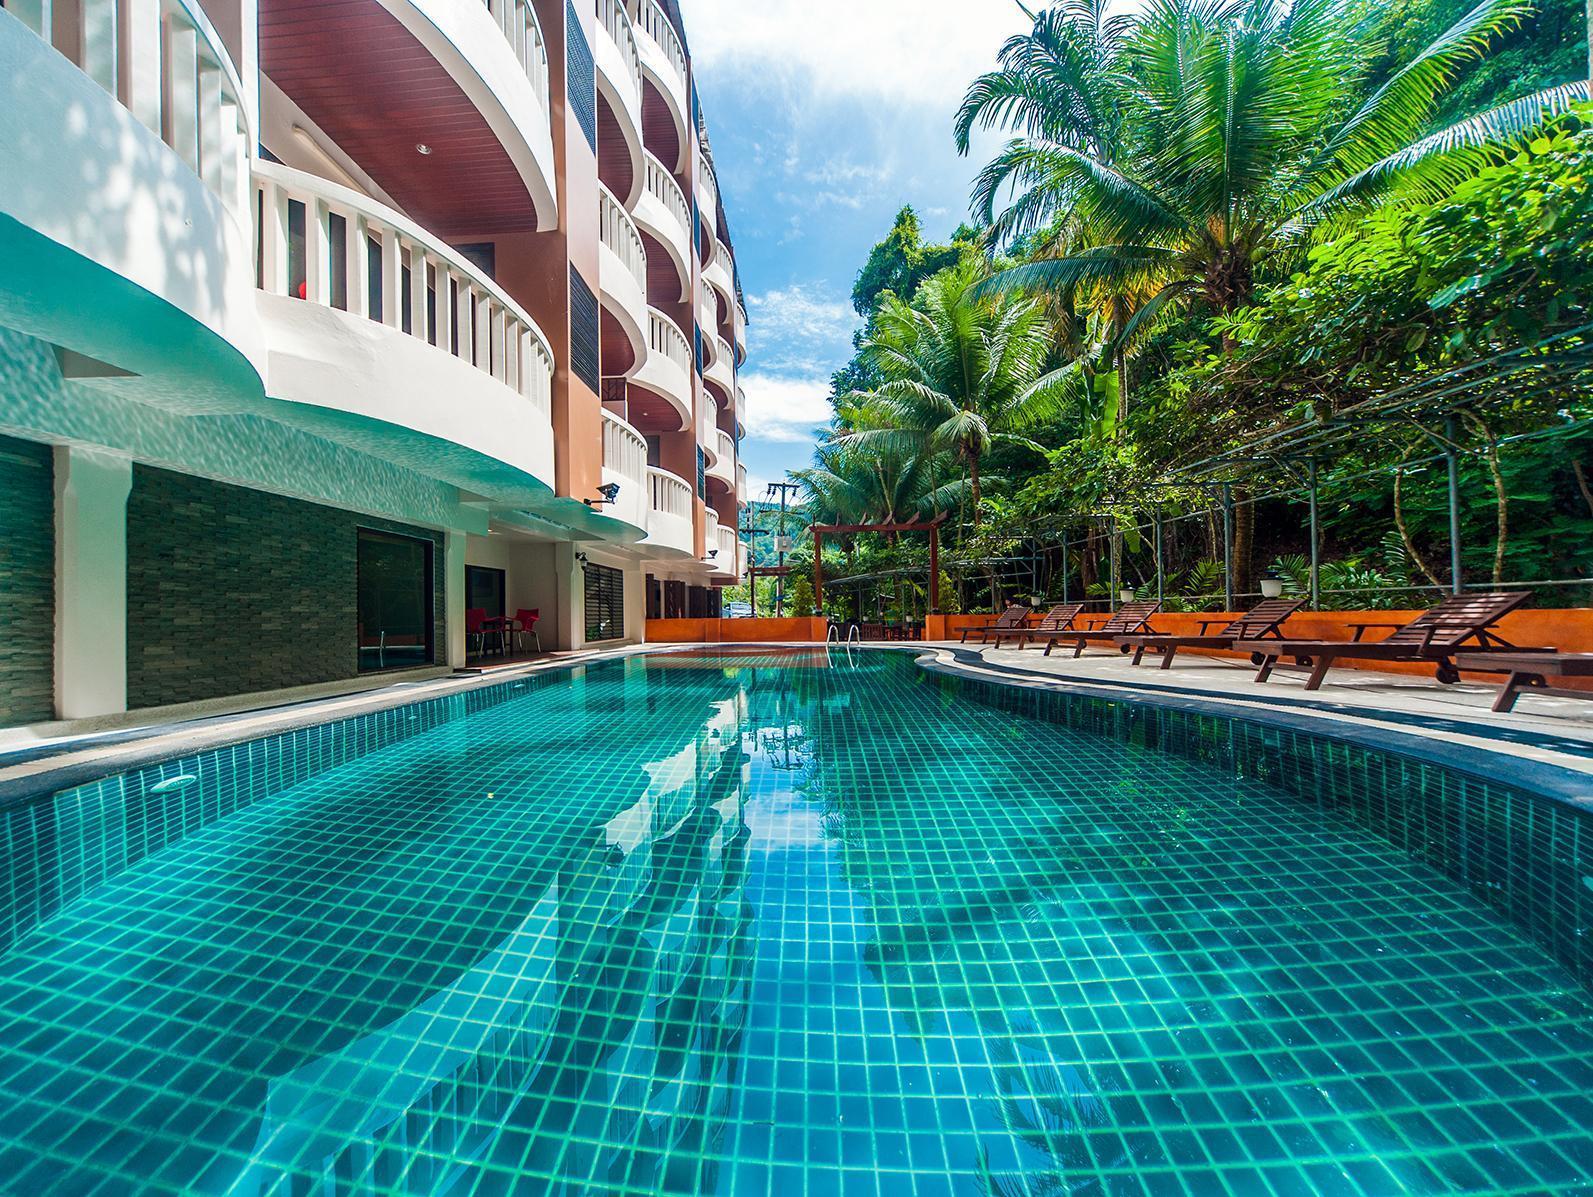 Ratana Hill Hotel รัตนา ฮิลล์ โฮเต็ล